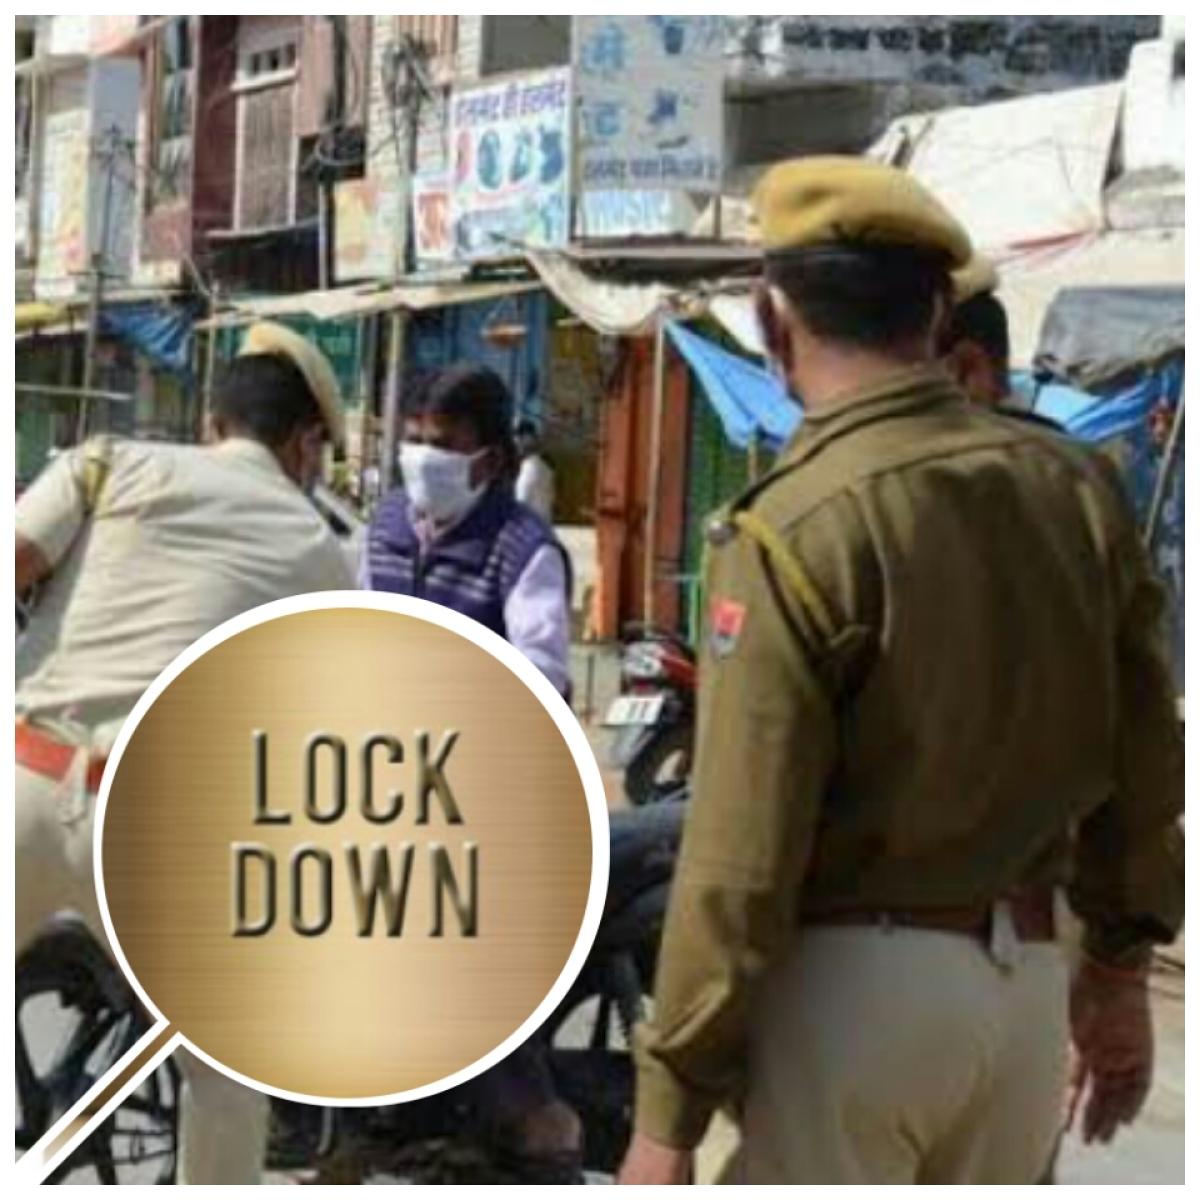 फैलती महामारी पर इंदौर प्रशासन का सख्त रवैया